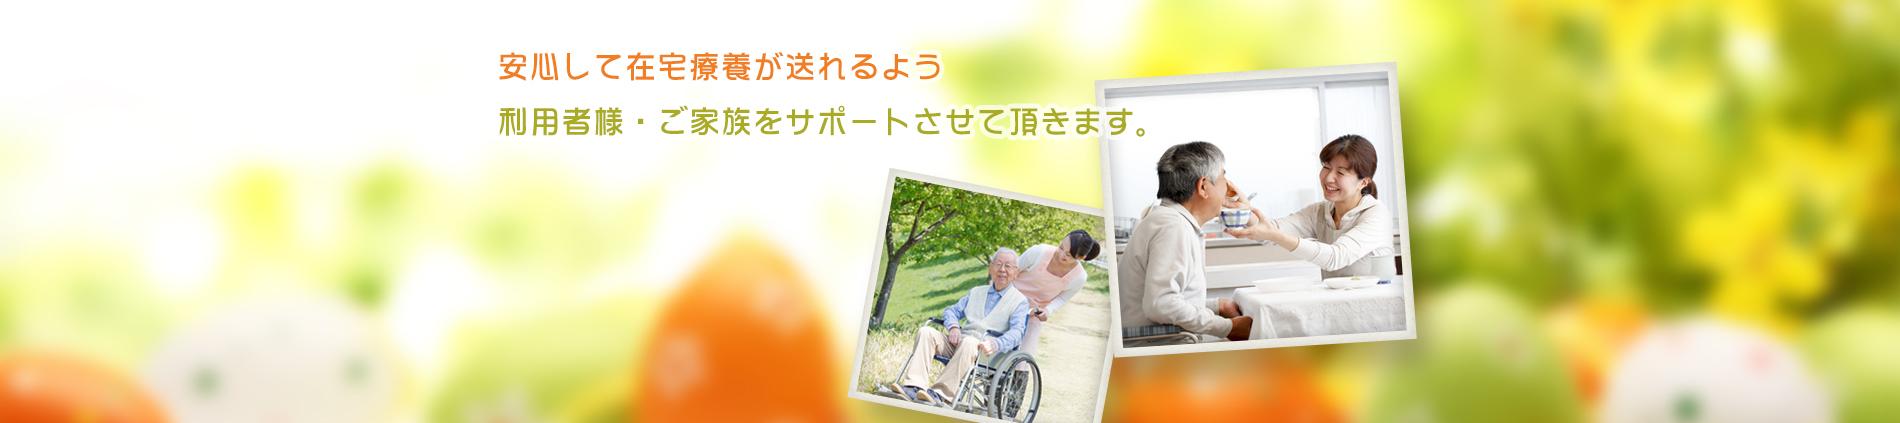 安心して在宅療養が送れるよう、利用者様・ご家族をサポートさせて頂きます。